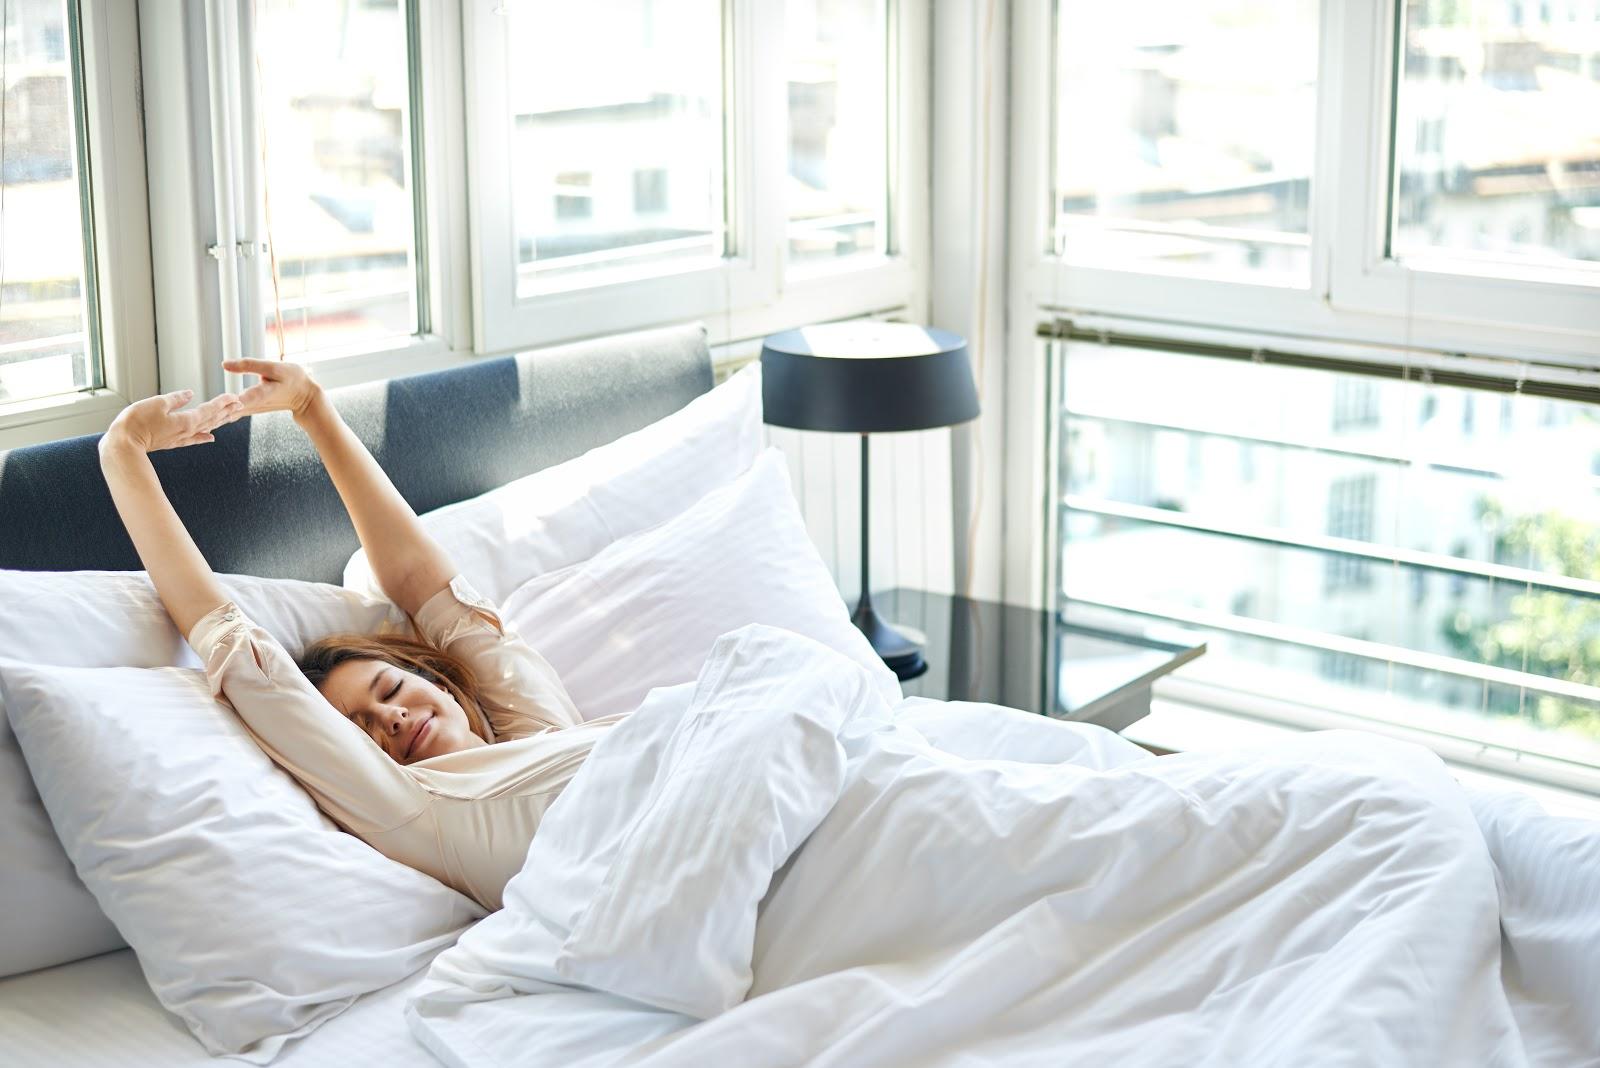 Một giấc ngủ ngon bắt nguồn từ một chiếc nệm chất lượng